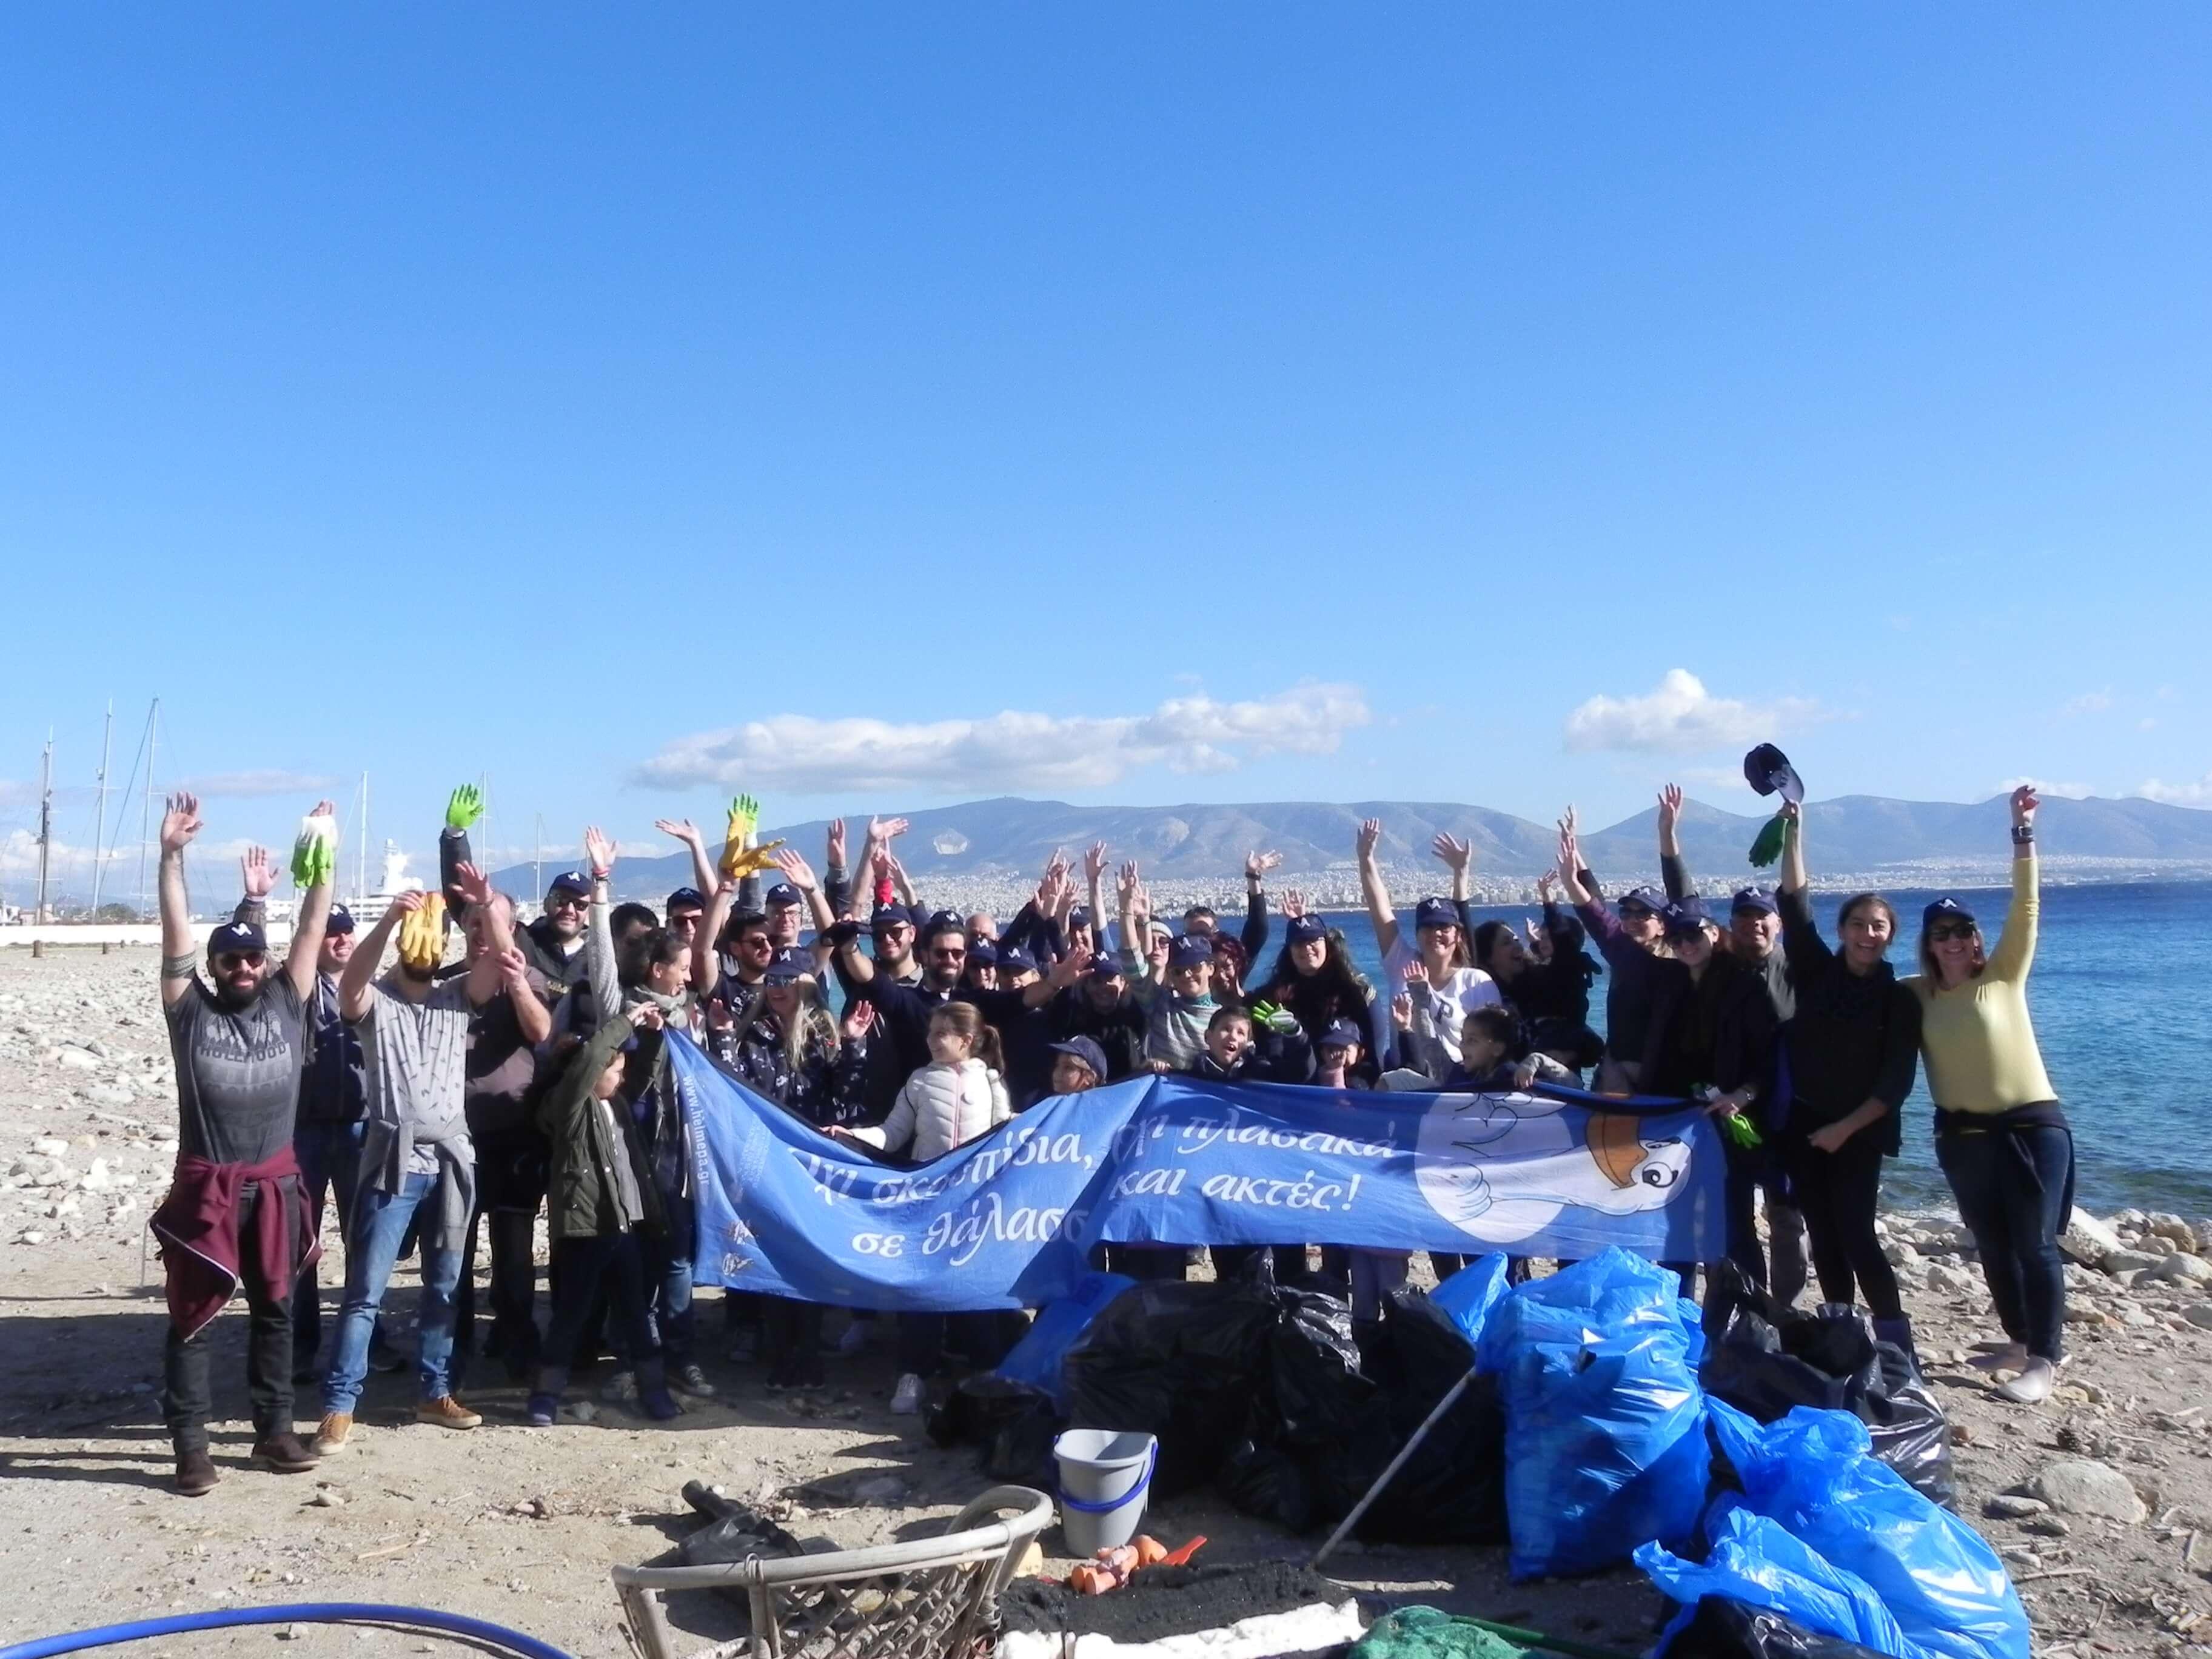 Beach clean-up days